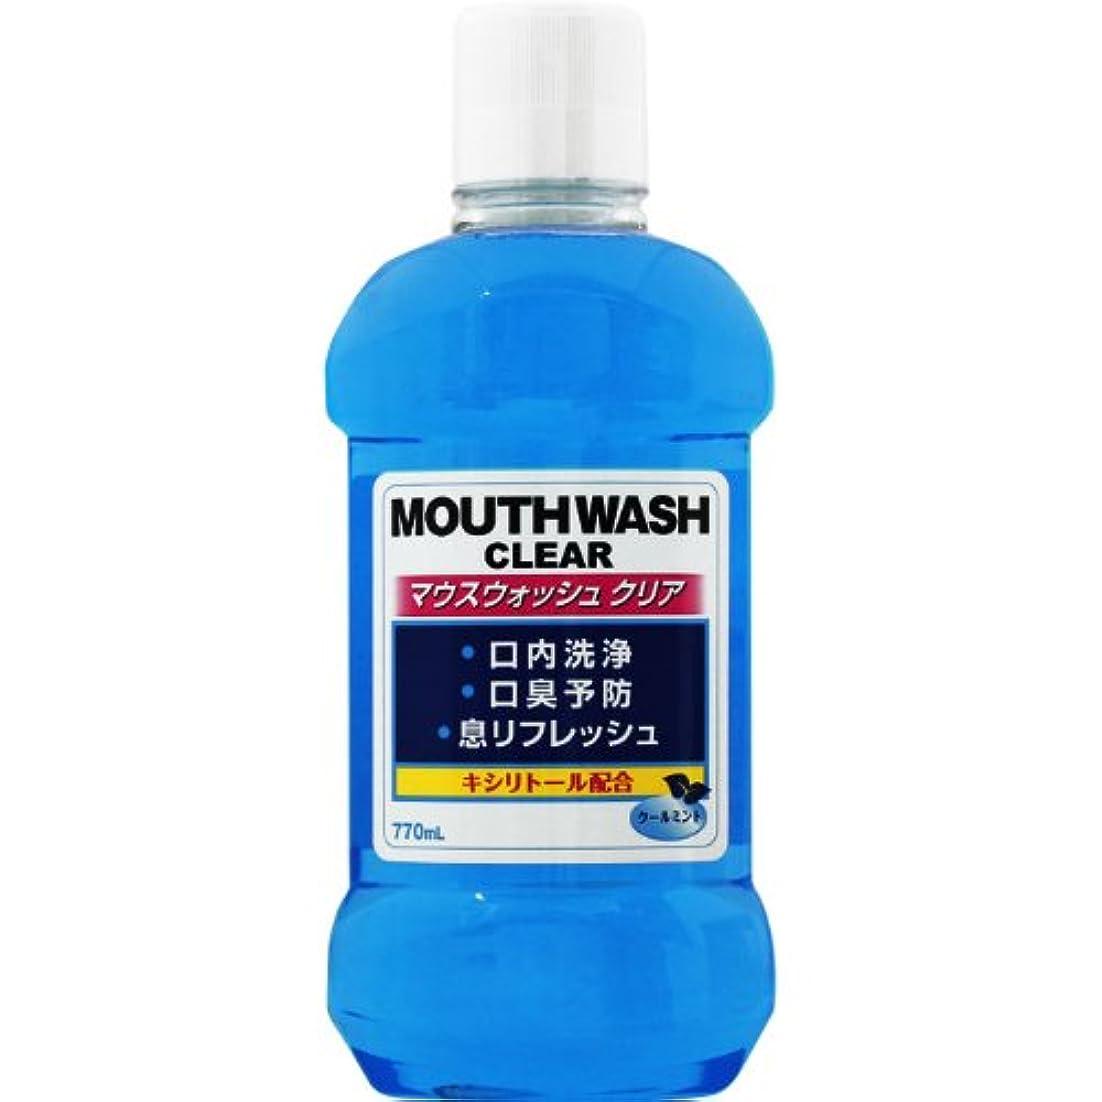 グリップ普遍的な環境に優しいマウスウォッシュクリア「クールミント」ブルー 770mL